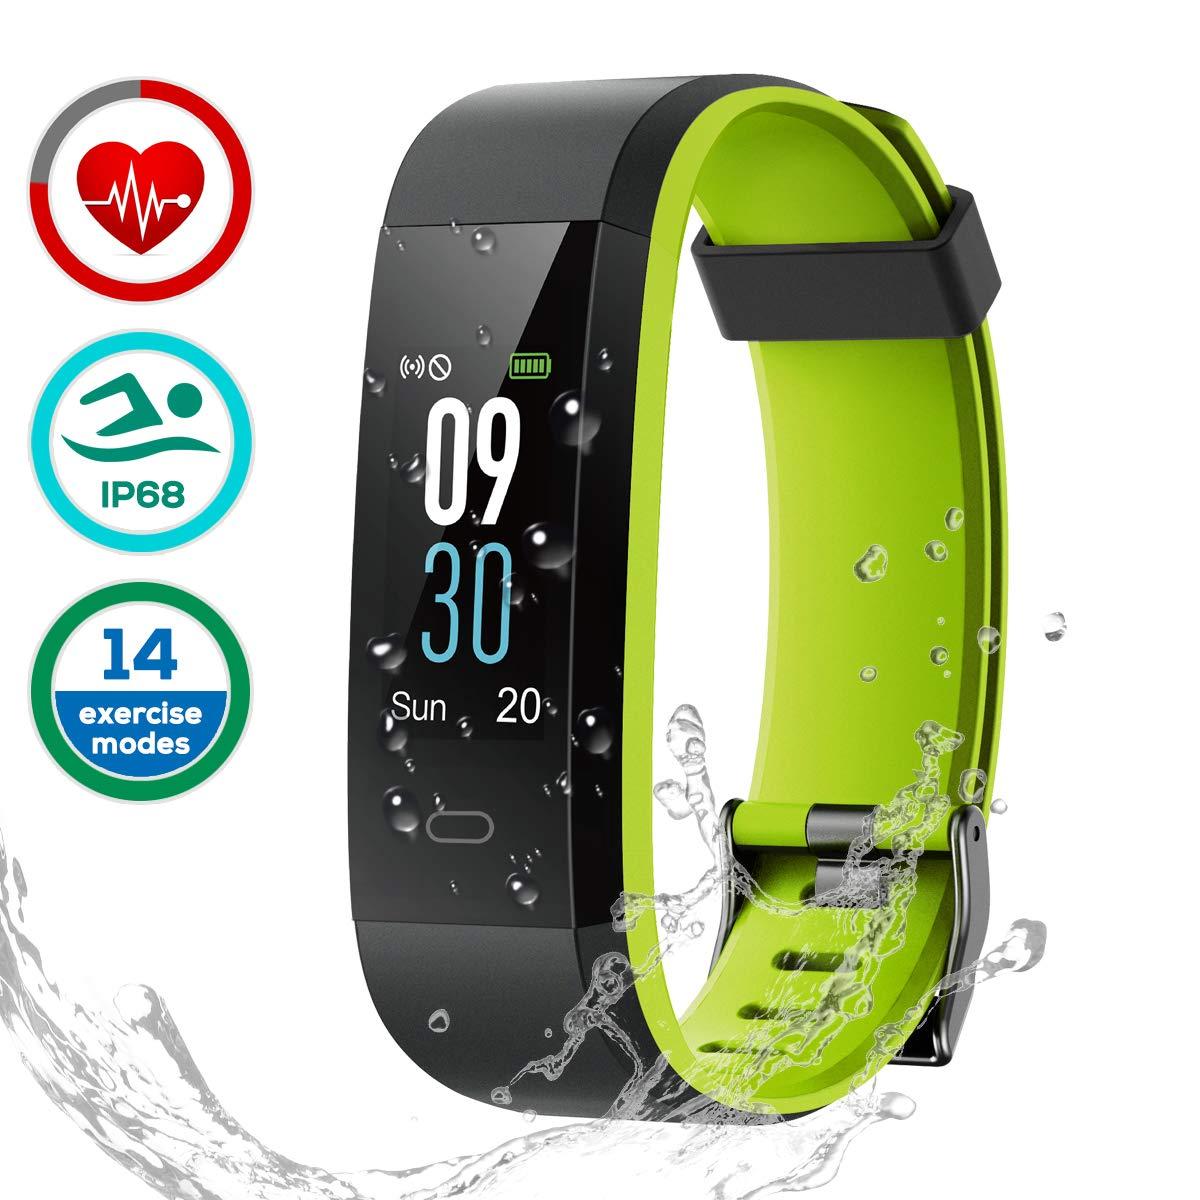 LATEC Montre Connectée, Fitness Tracker Podometre Smartwatch Bracelet Connecté IP68 Imperméable Tracker d'activité Moniteur de fréquence Cardiaque product image